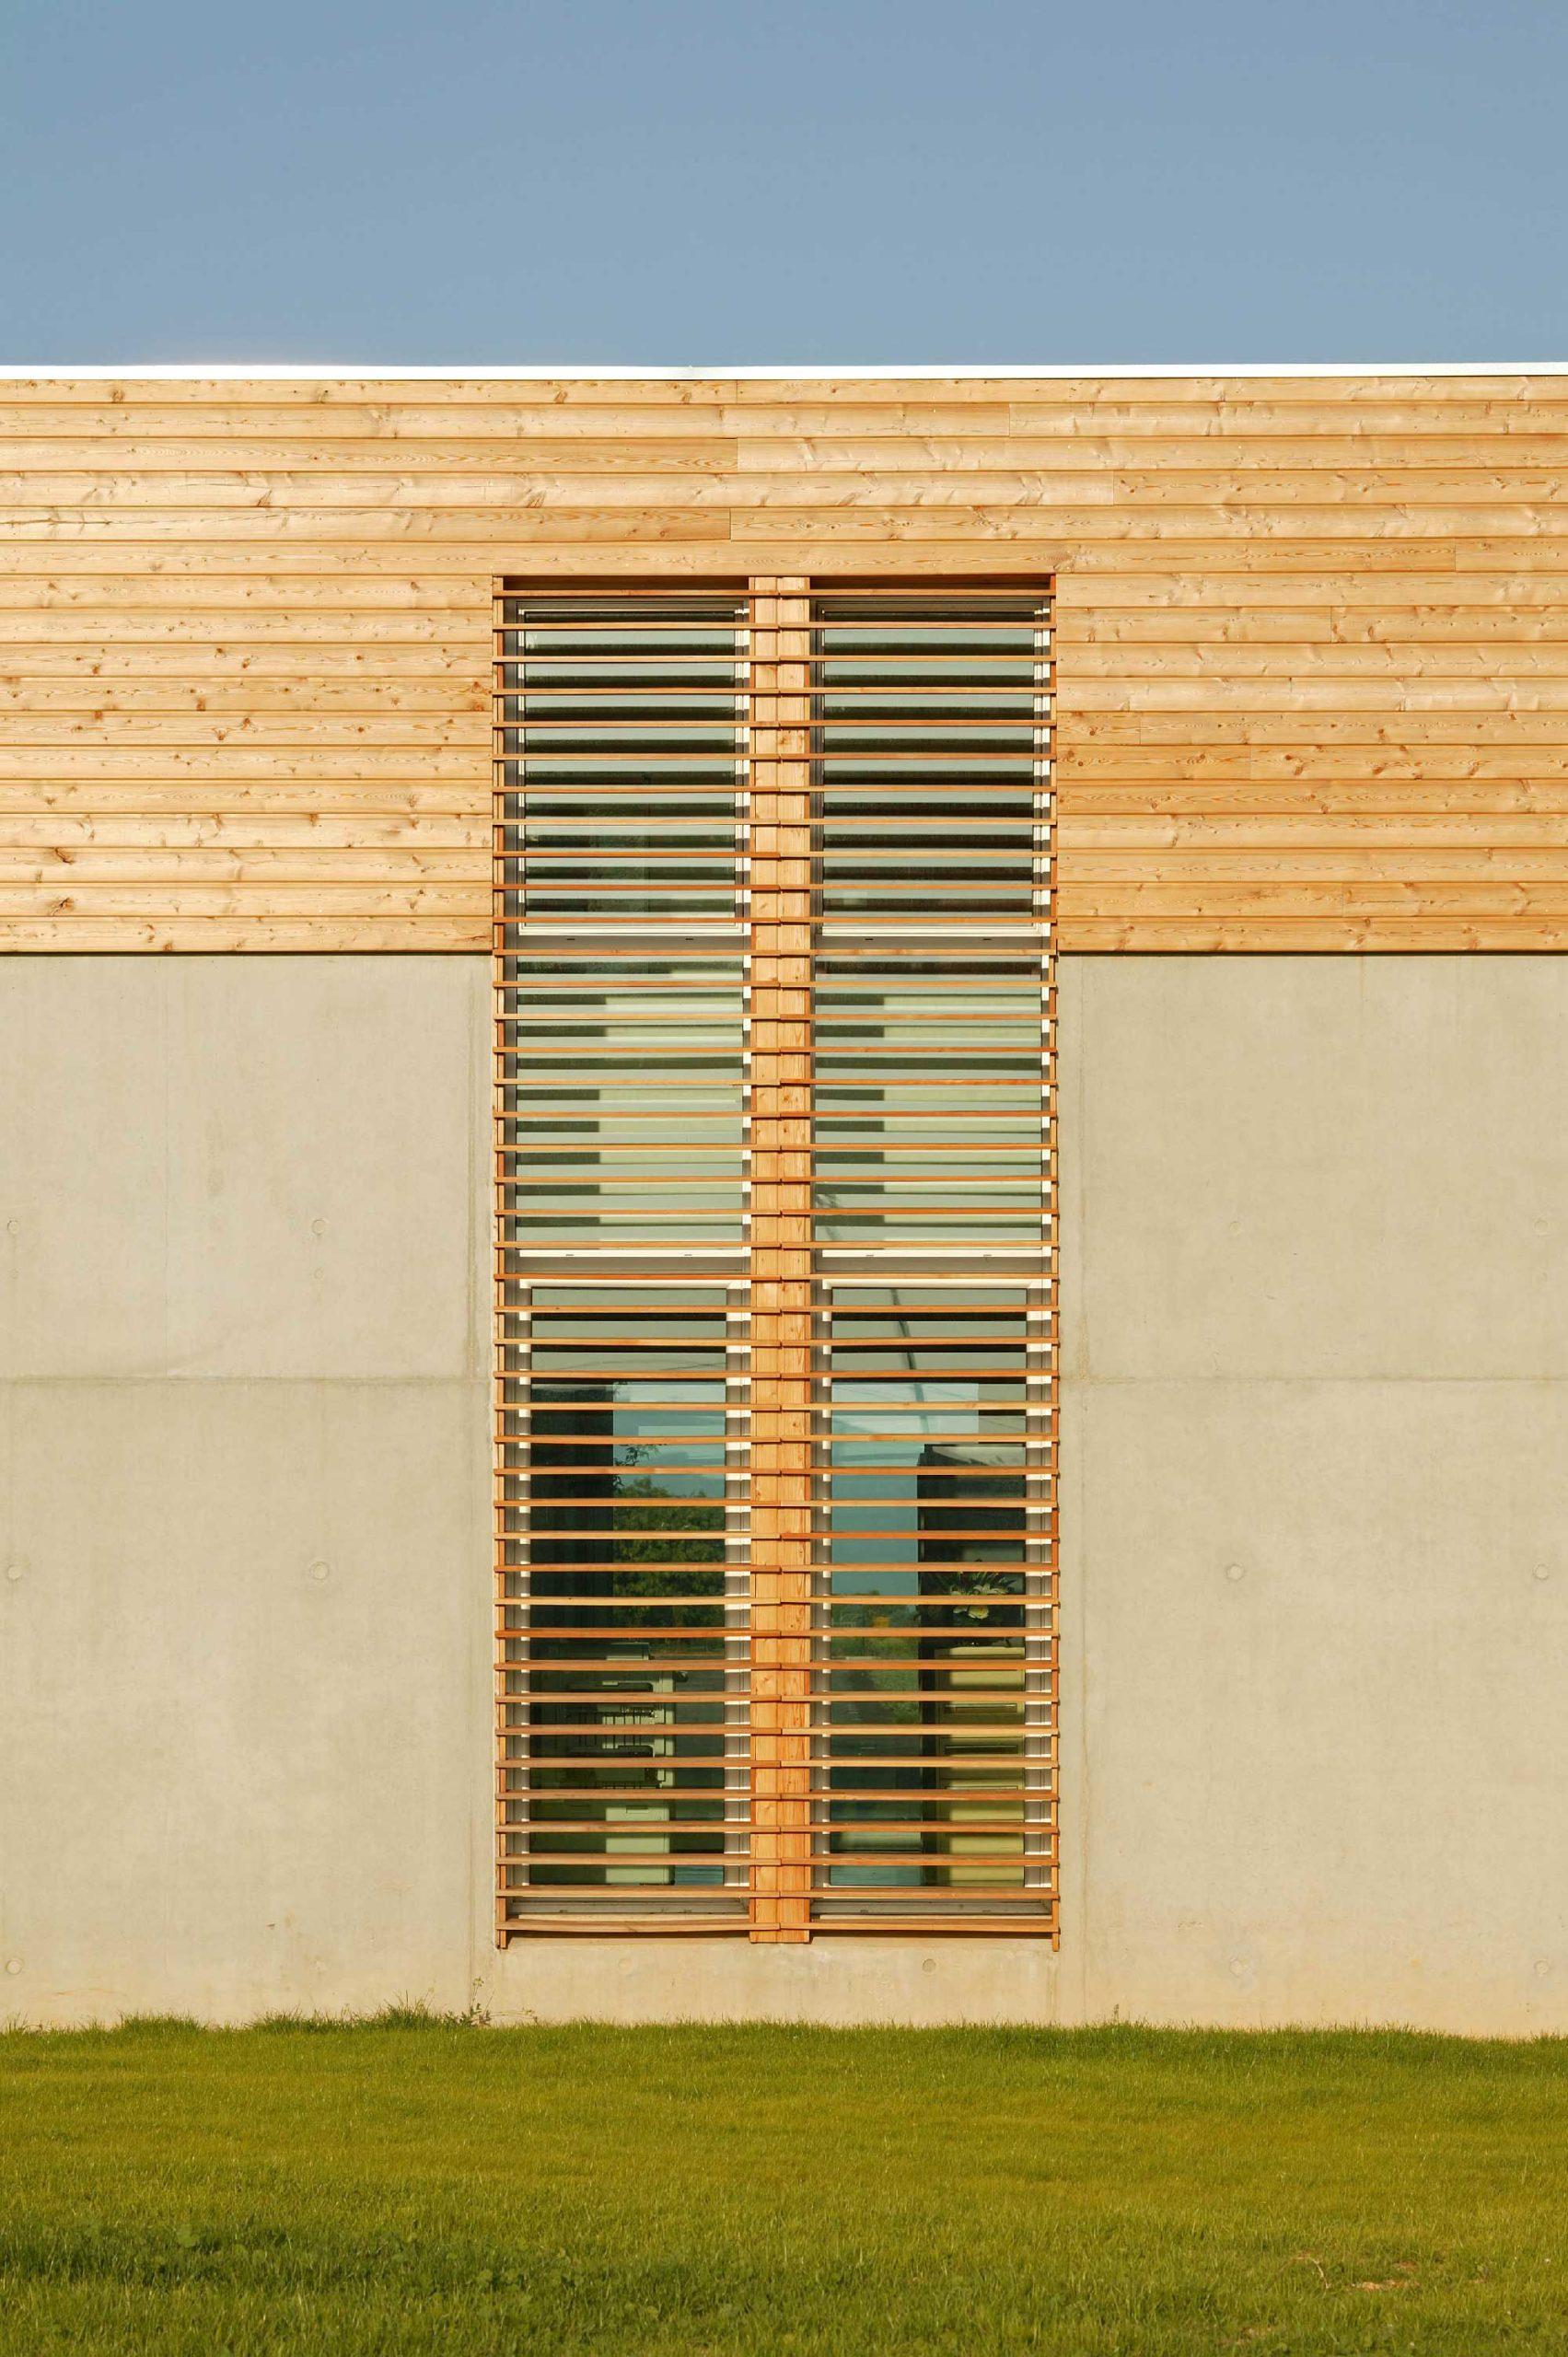 Centre des examens des permis de conduire de Nimes - TAUTEM Architecture - détail de façade en bois